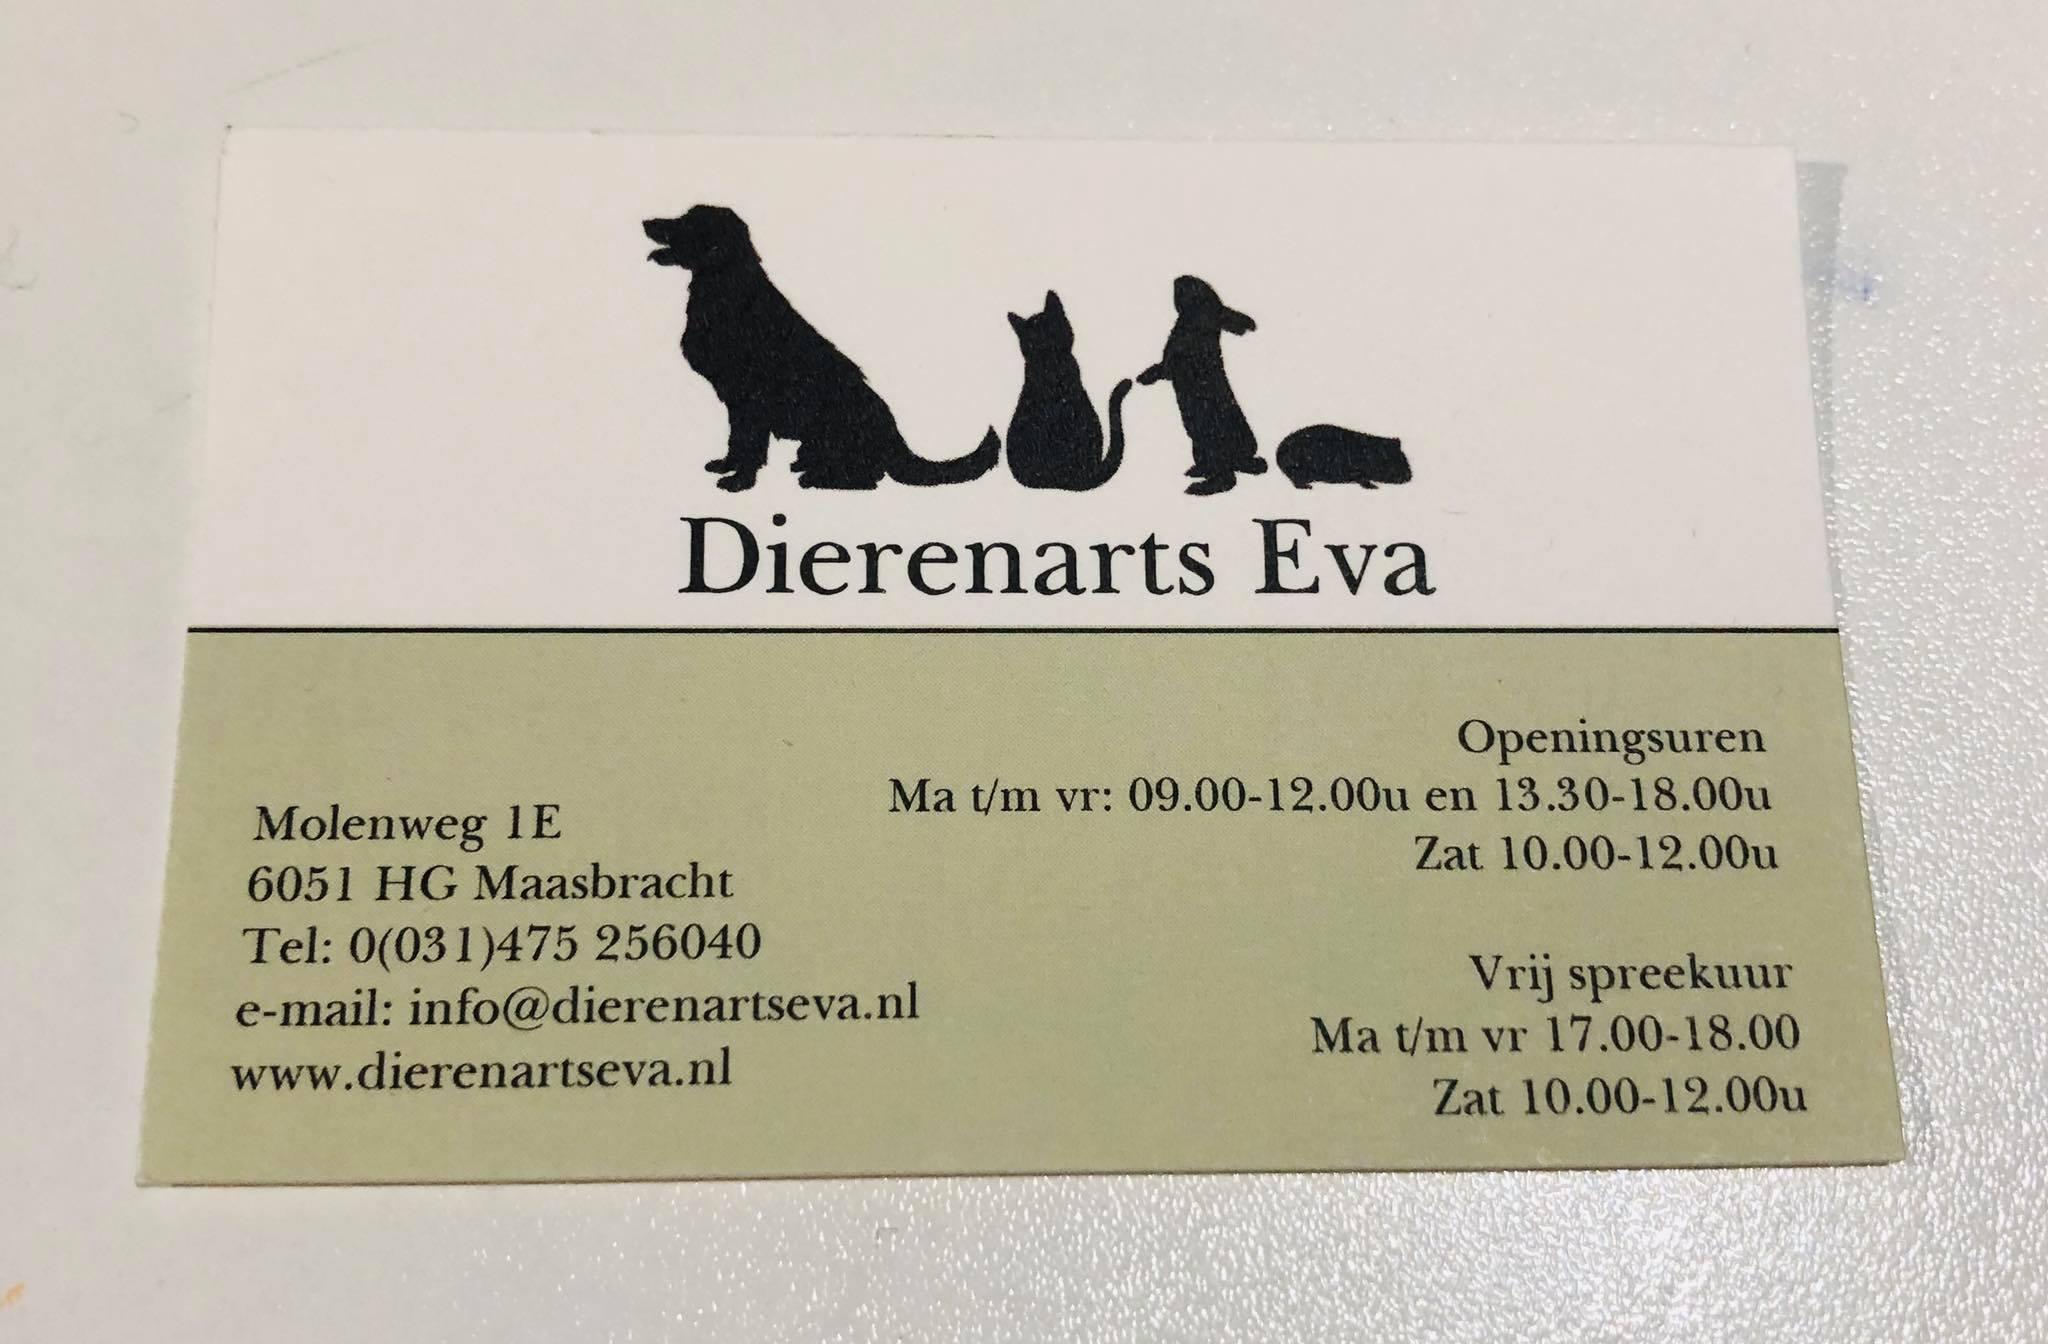 Dierenarts Eva - visitekaartje